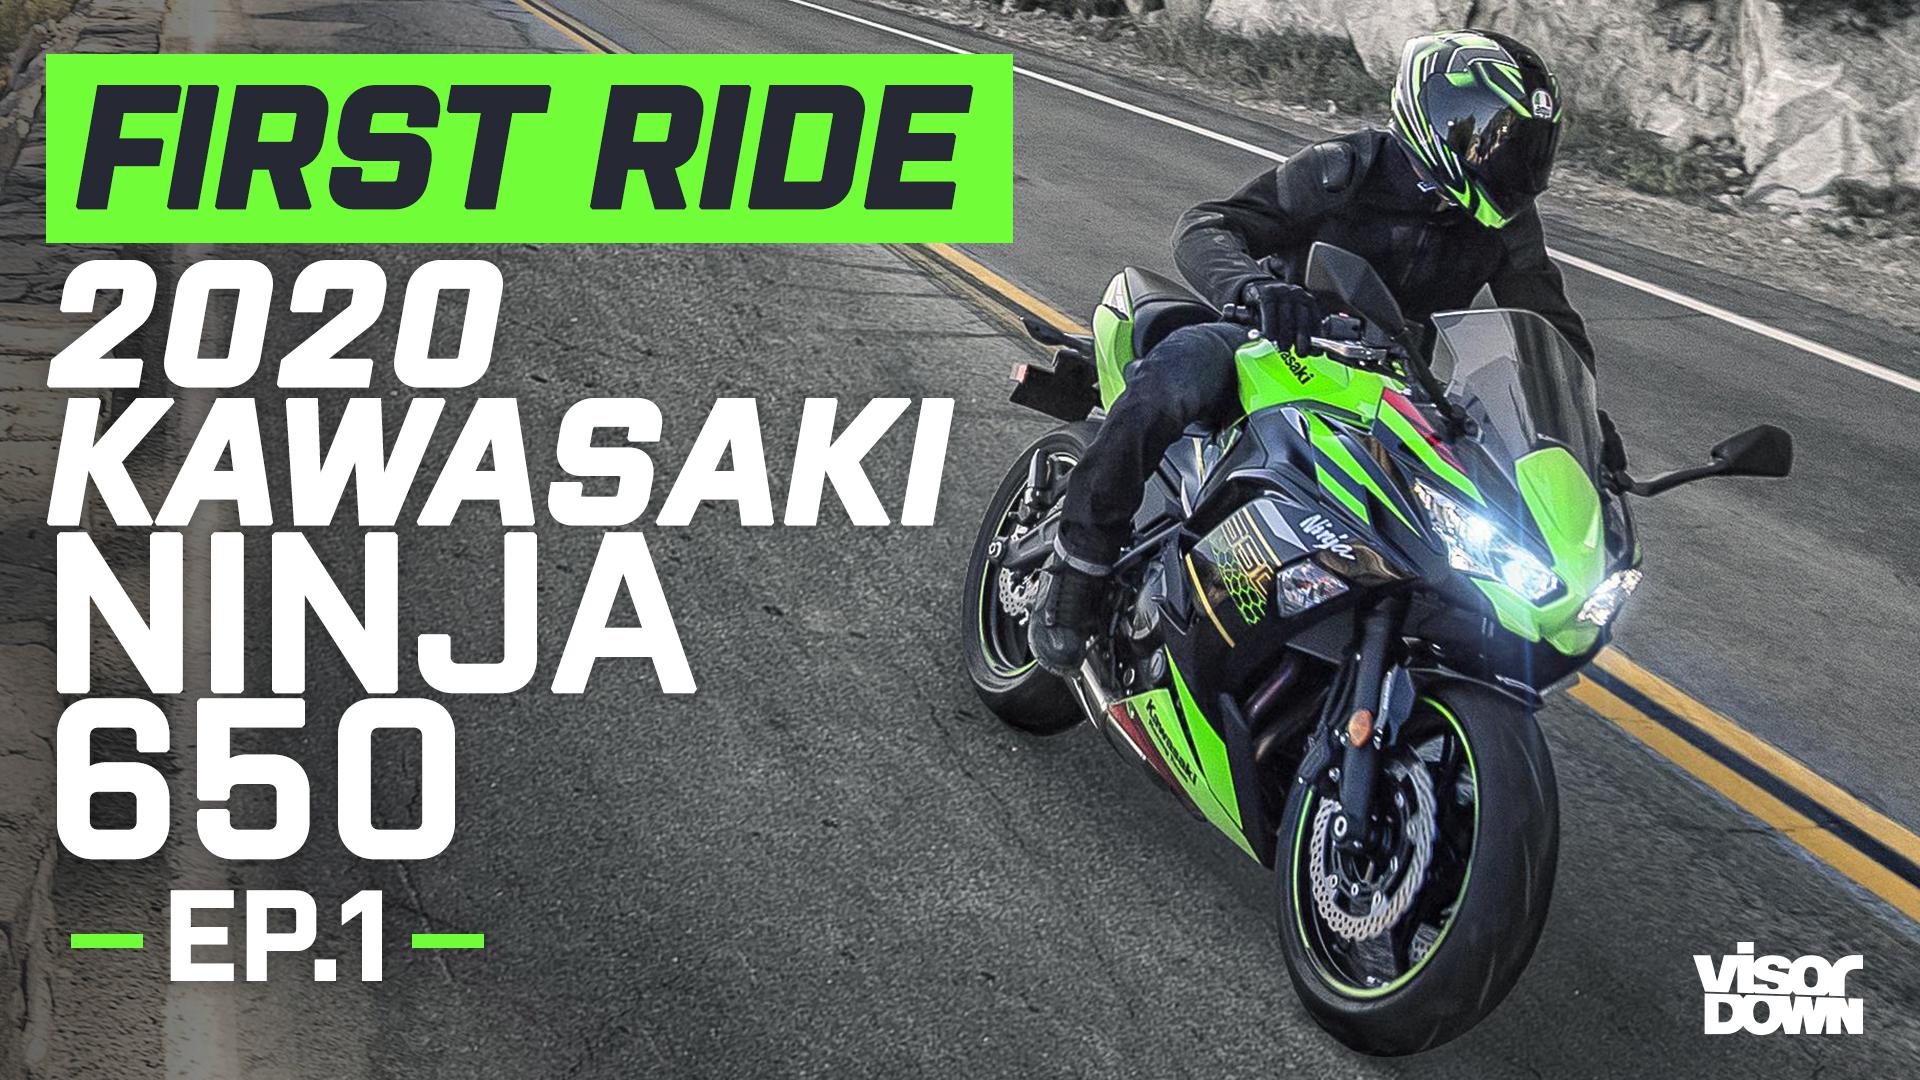 Kawasaki ninja 650 first ride.jpg